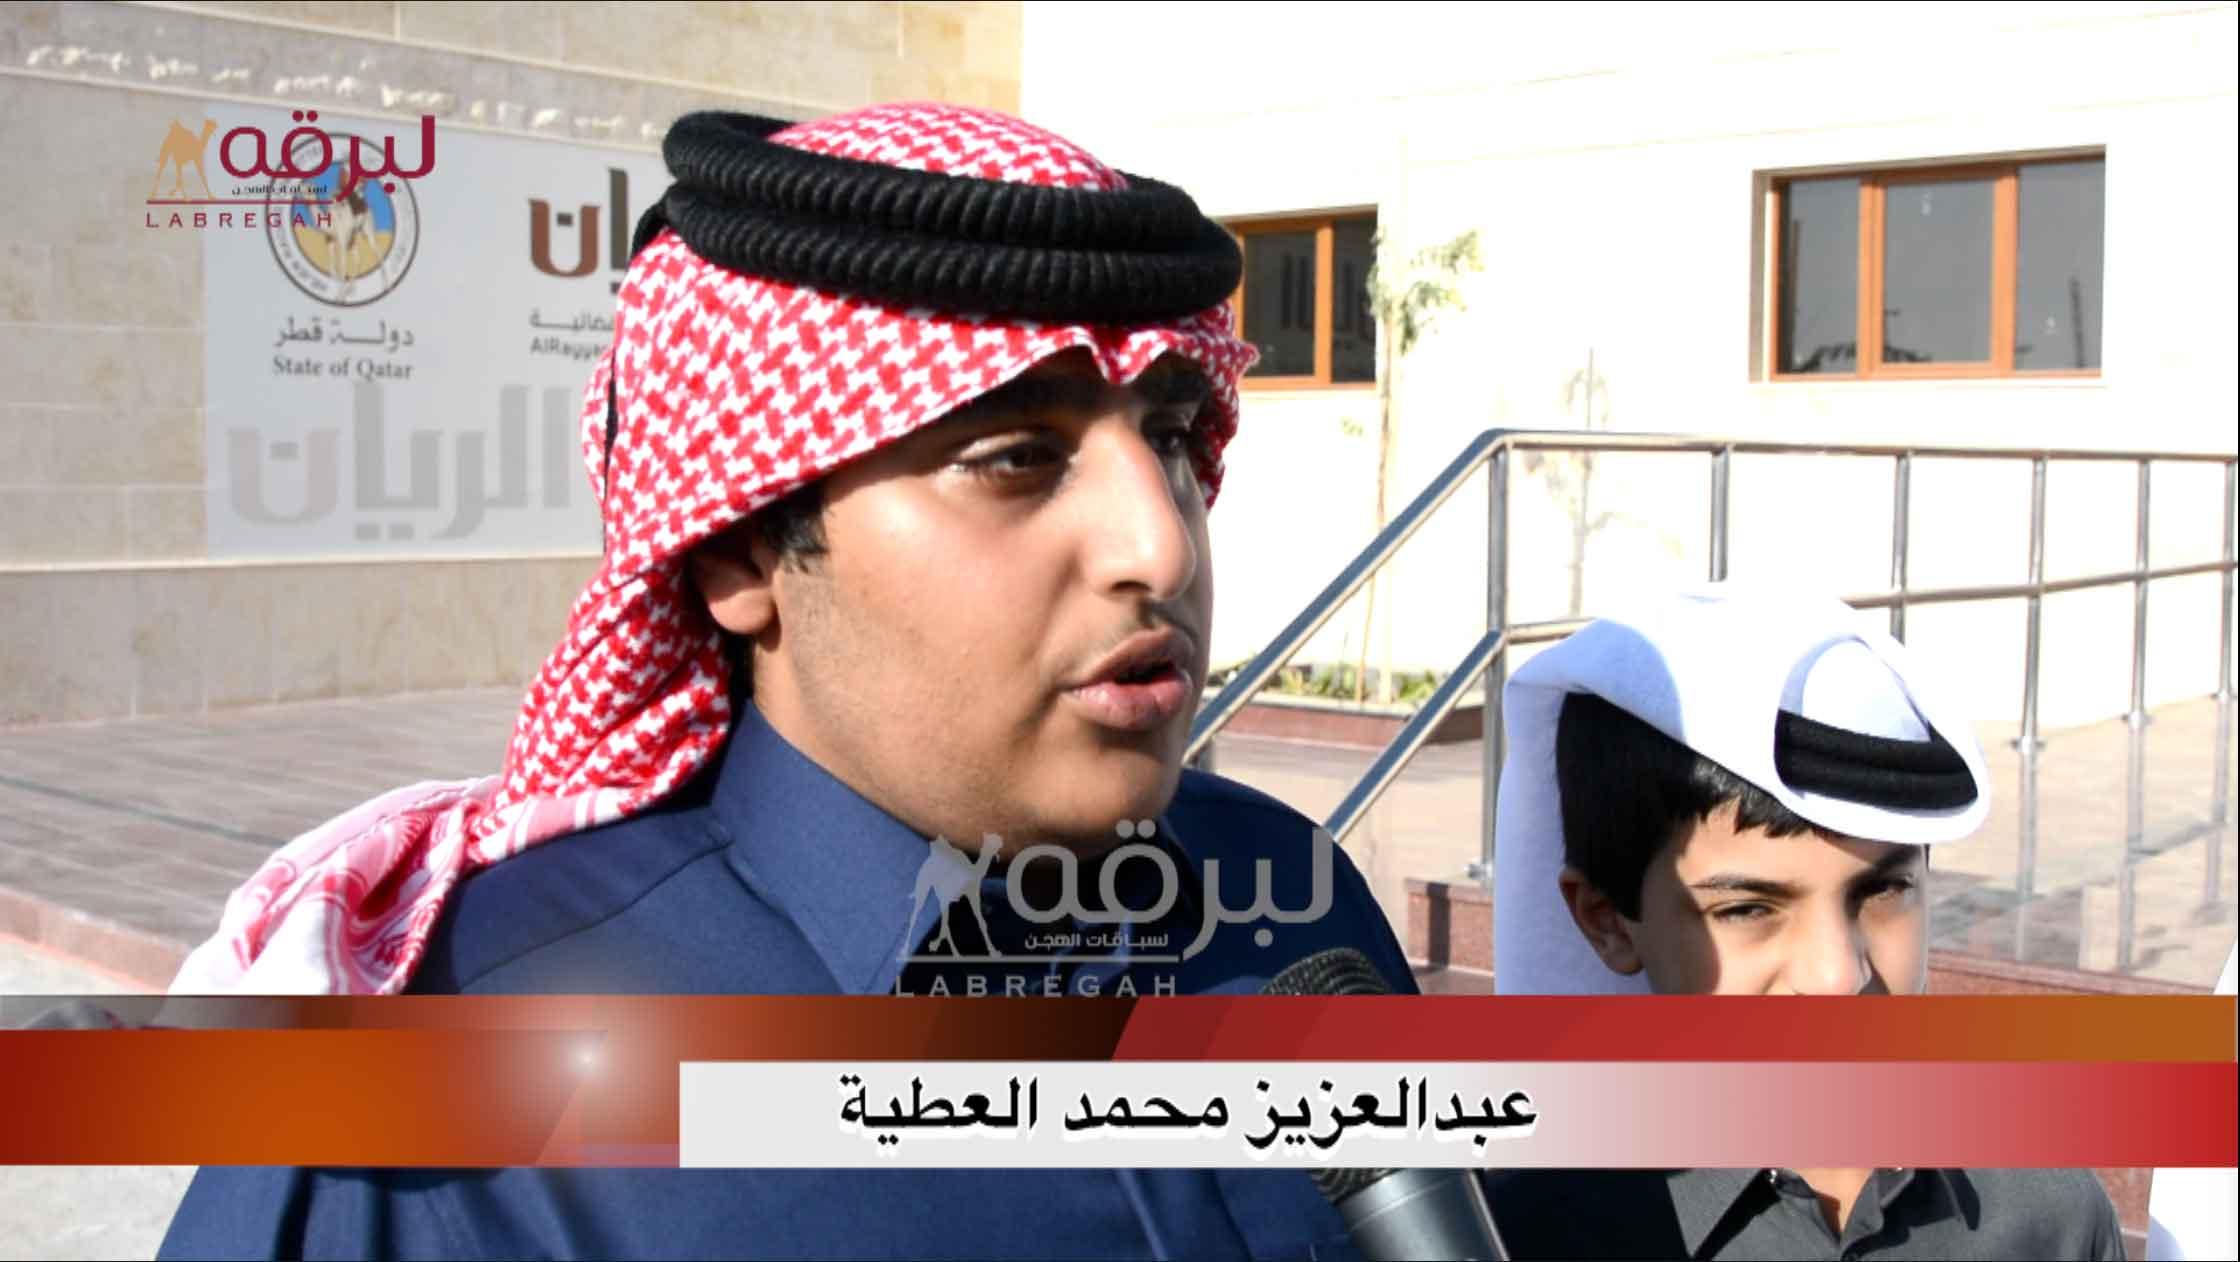 لقاء مع عبدالعزيز محمد العطية.. الخنجر الفضي لقايا قعدان « إنتاج » الأشواط العامة  ١٩-١-٢٠٢١